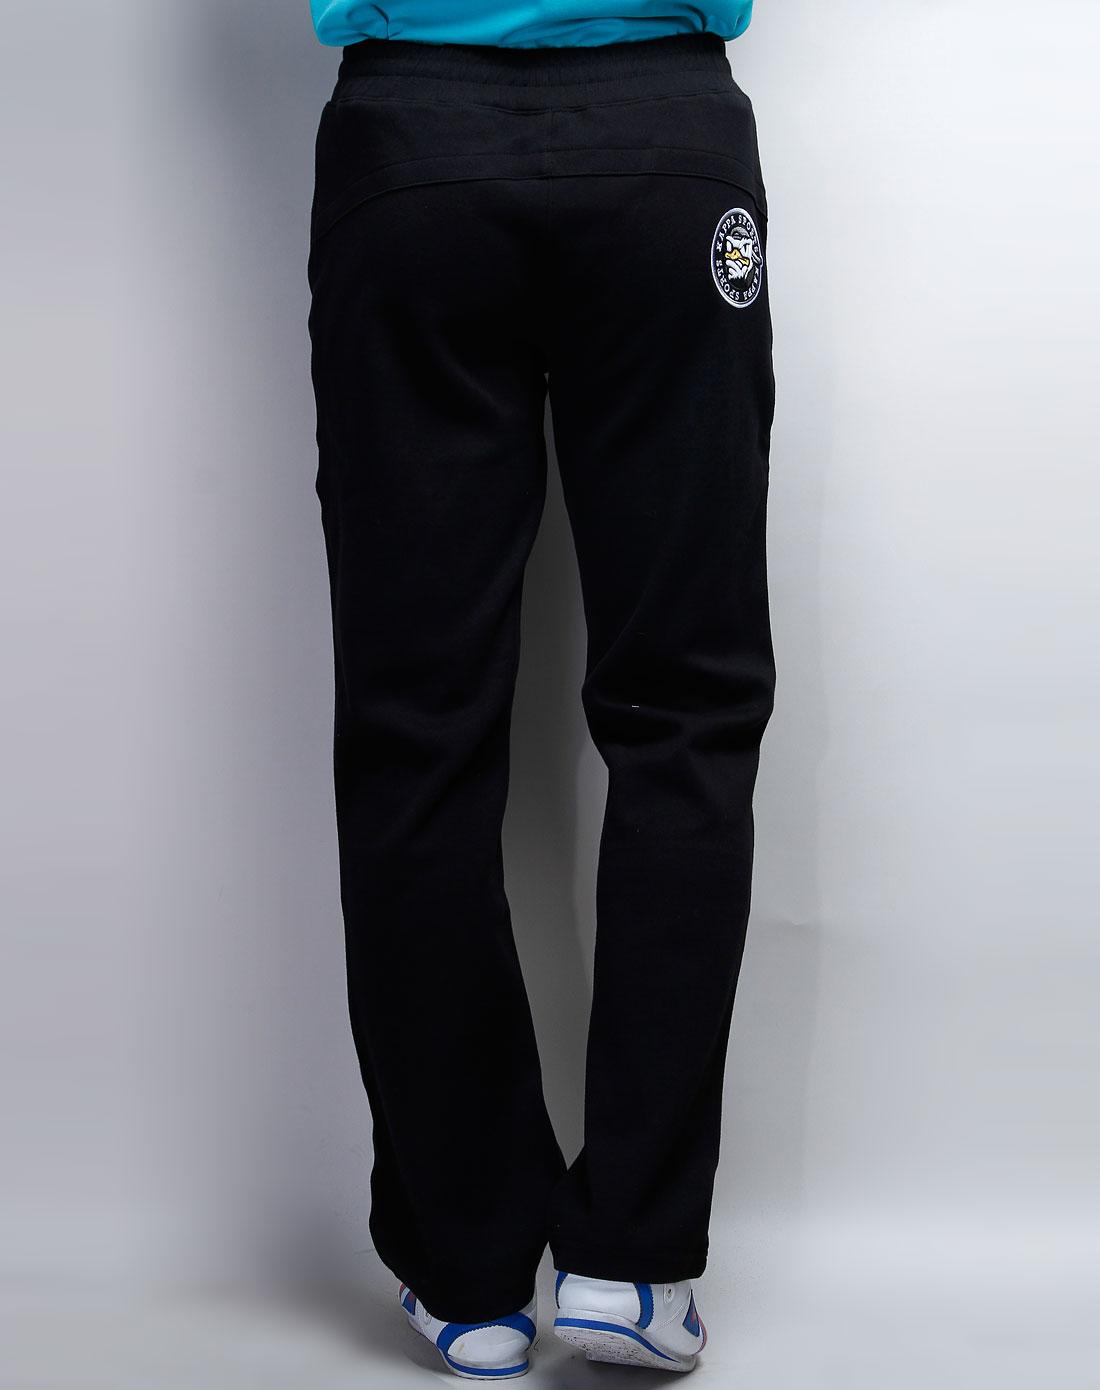 纯黑色针织运动长裤